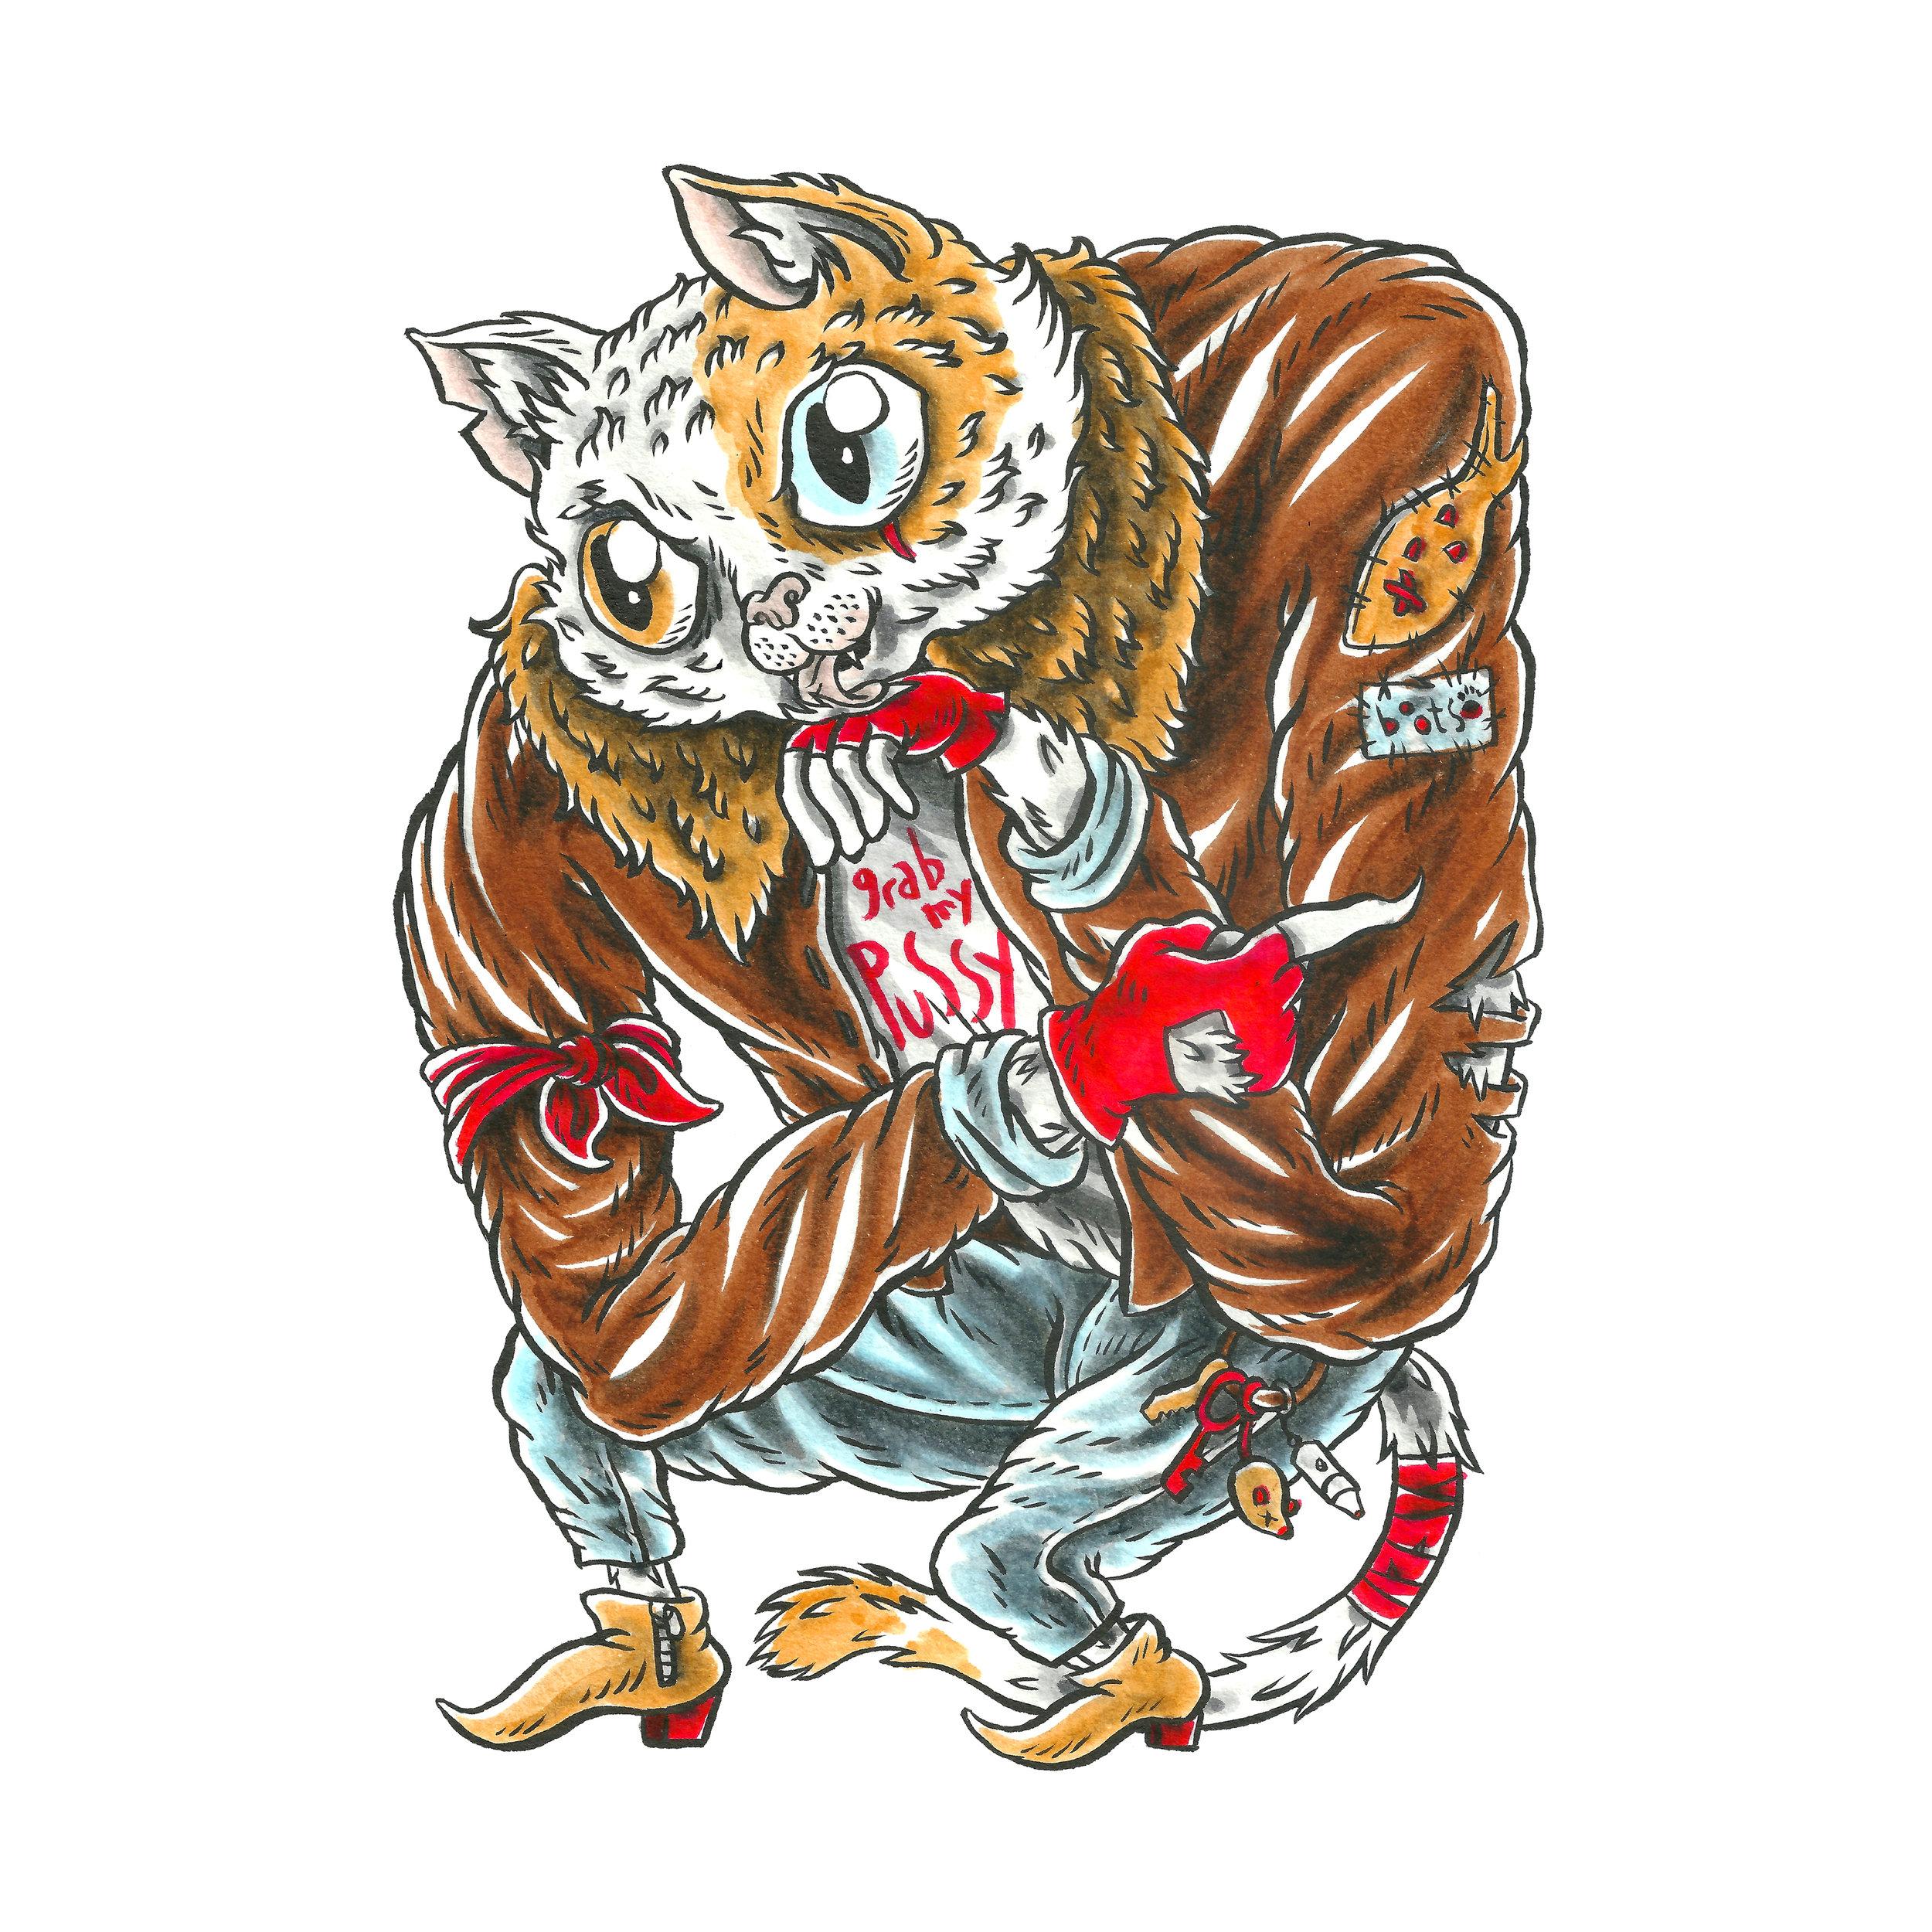 24alley-cat[insta].jpg